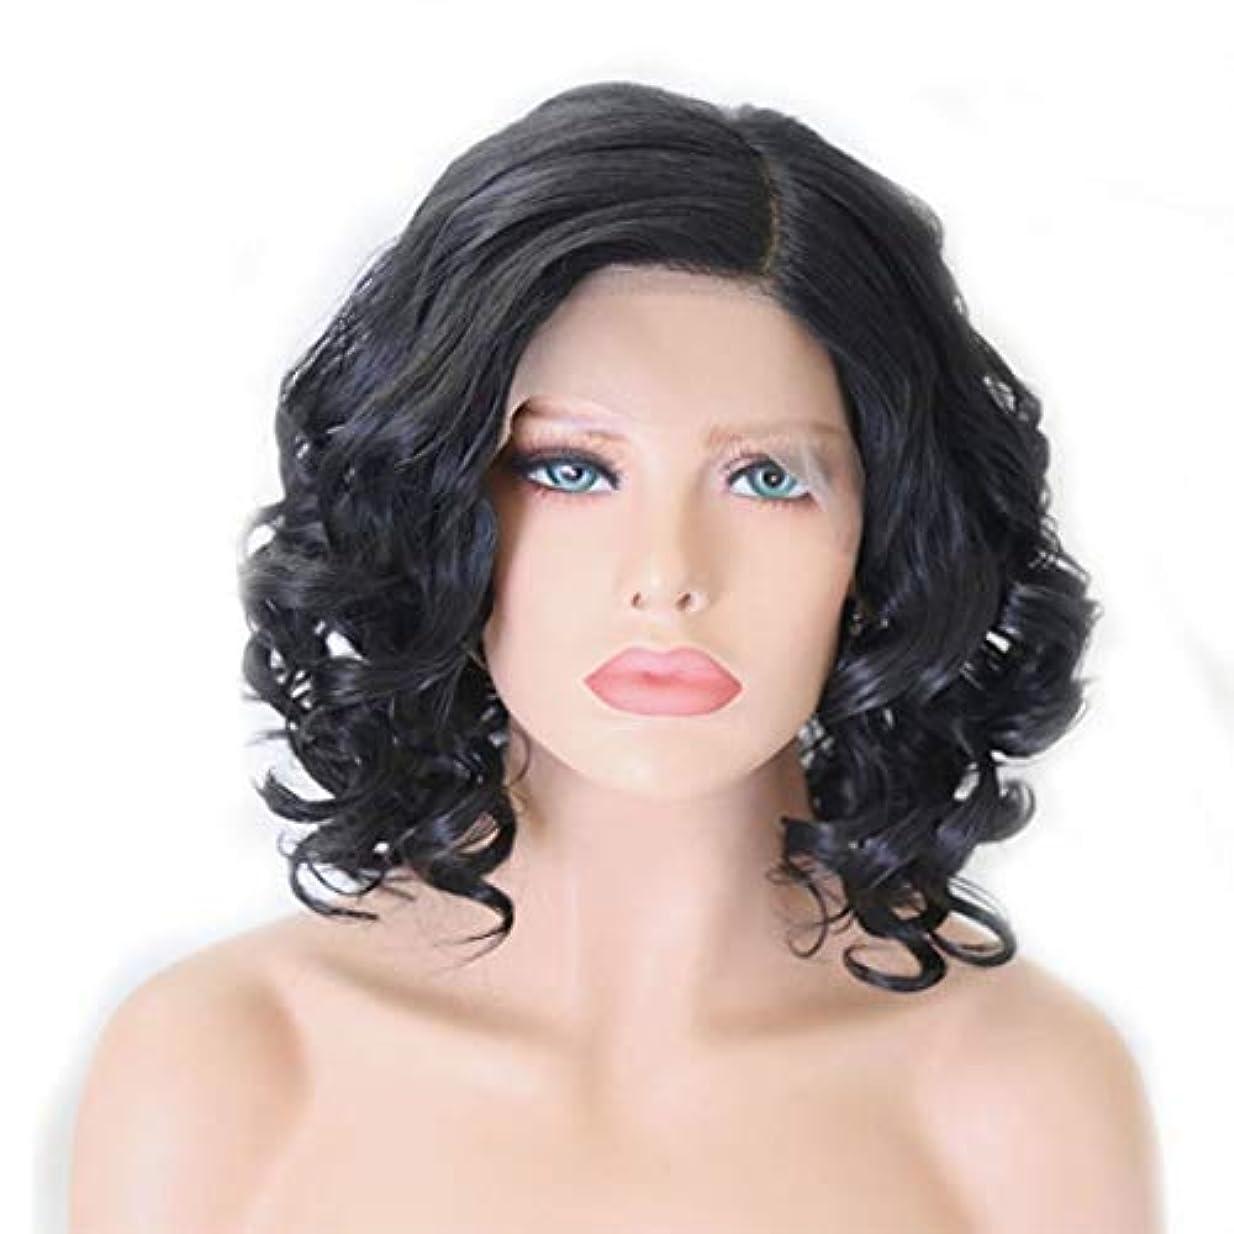 マットレス不完全行商人Summerys フロントレースかつら女性のための短い巻き毛のふわふわ高温シルクケミカルファイバーウィッグ (Color : Black, Size : 26 inches)